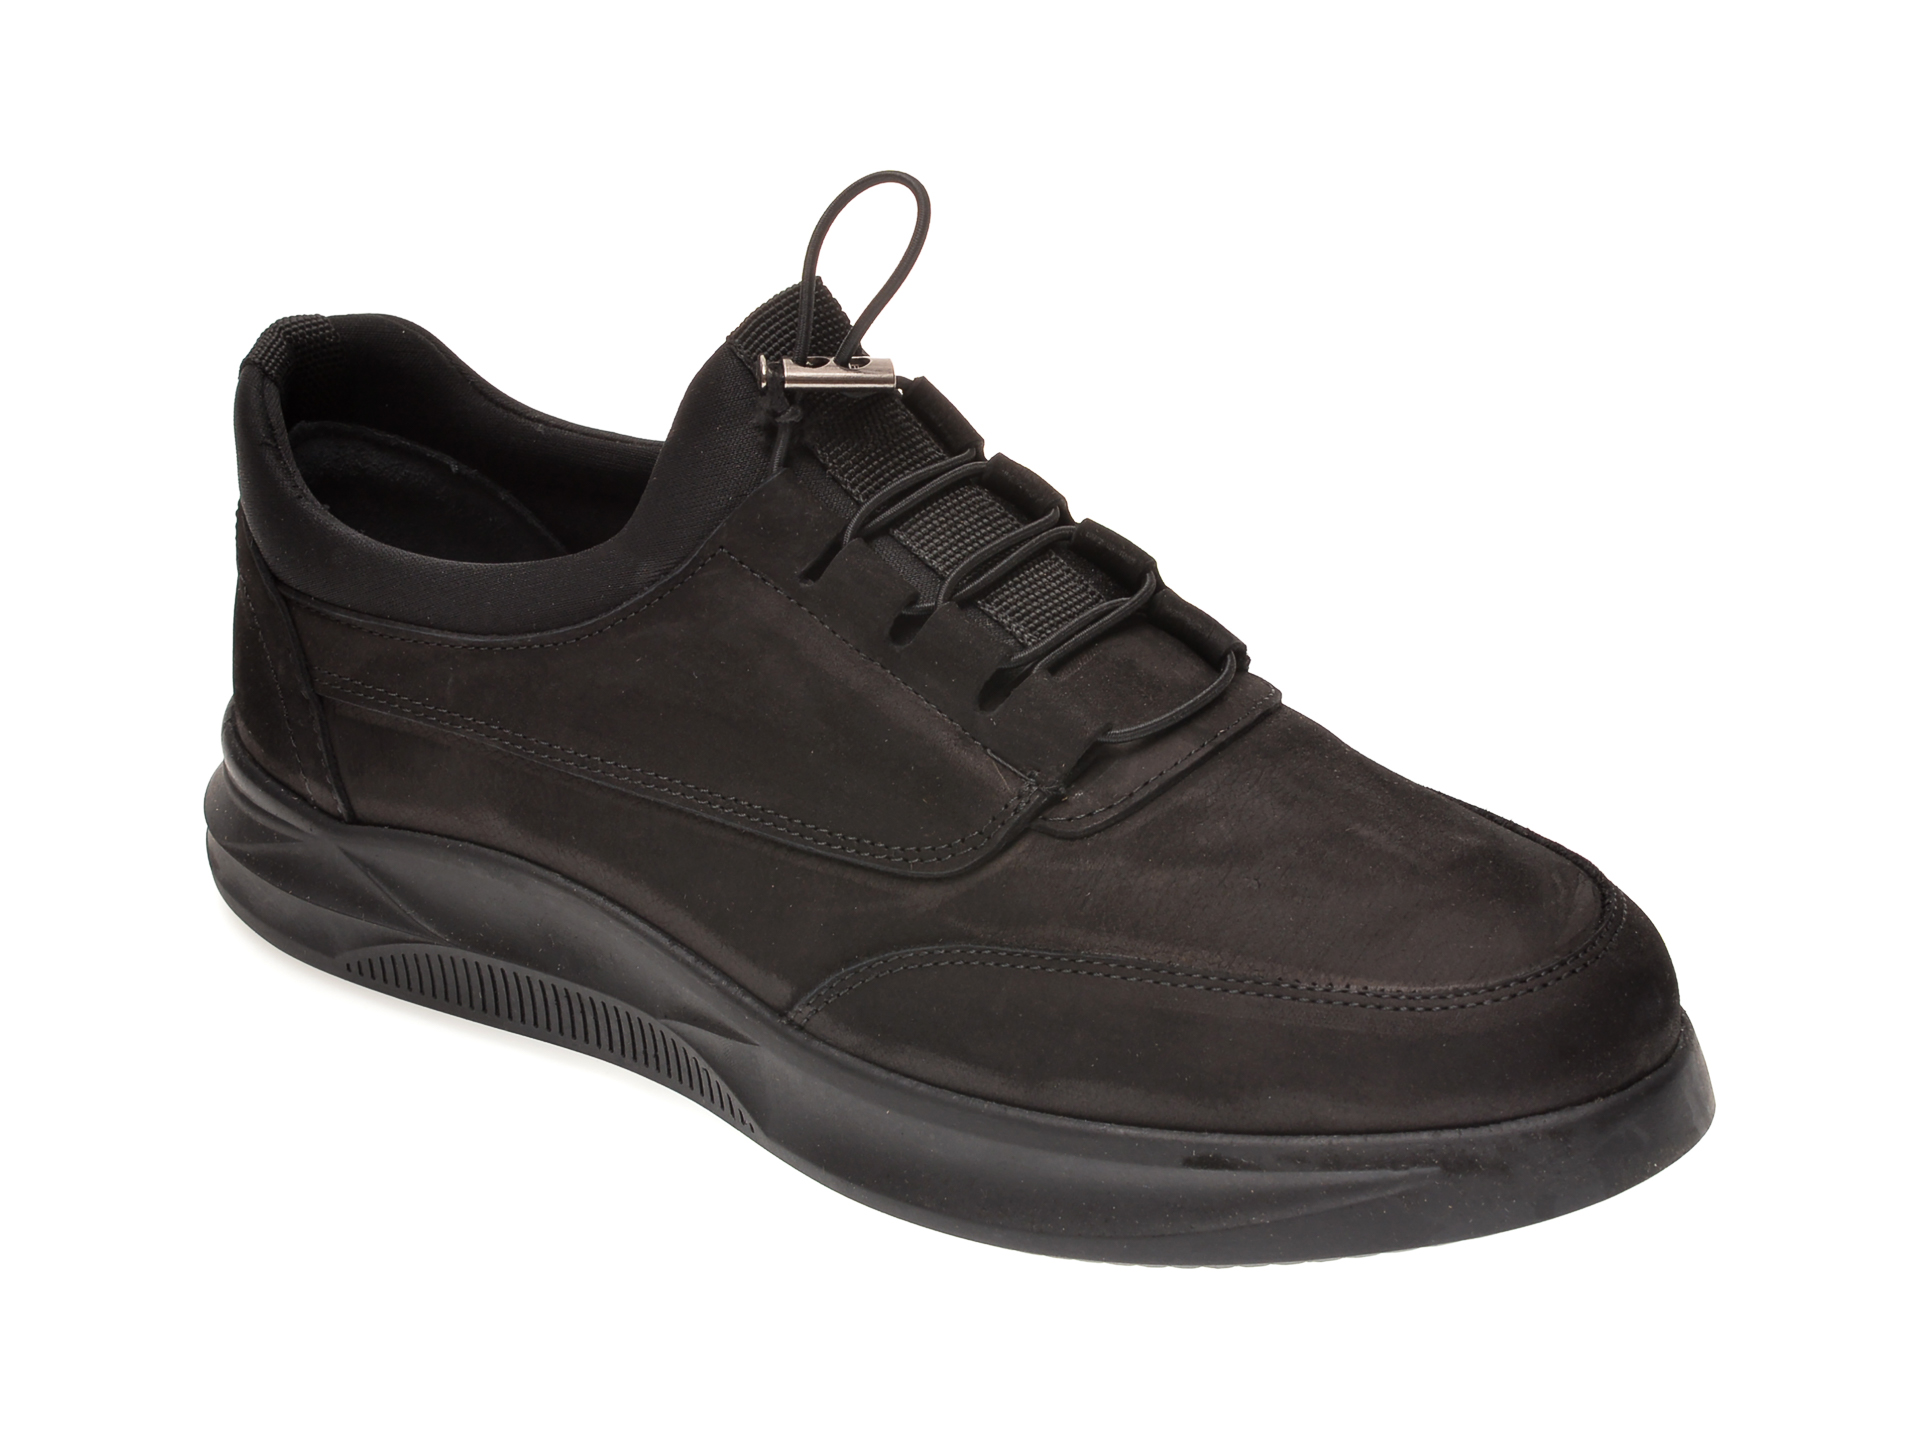 Pantofi OTTER negri, M5790, din nabuc imagine otter.ro